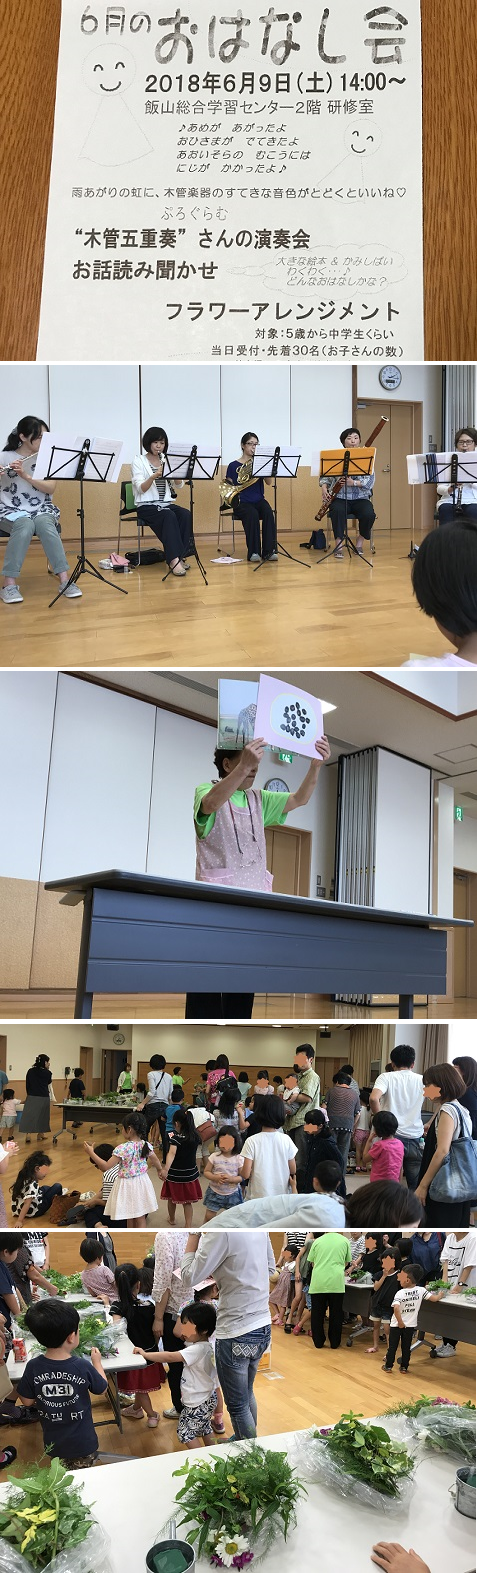 20180609おはなし会 1